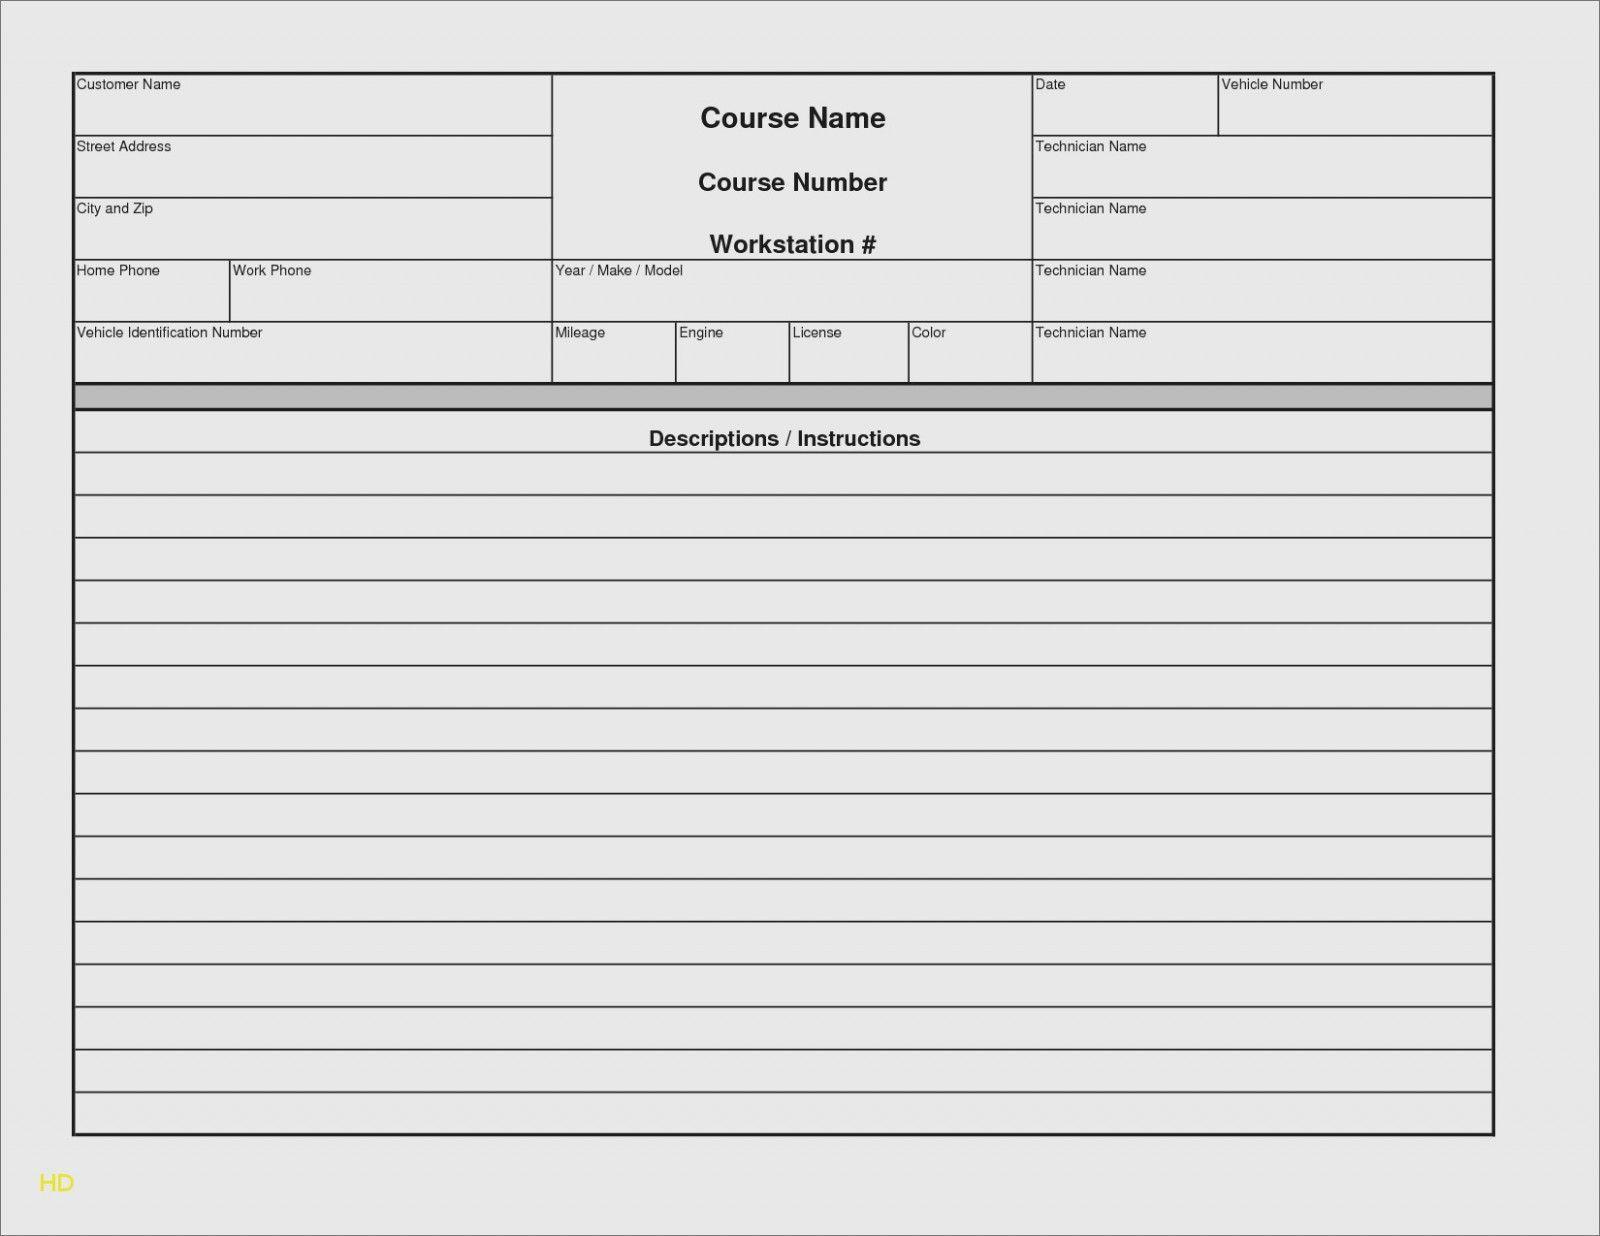 000 Rare Microsoft Excel Auto Repair Invoice Template Image Full